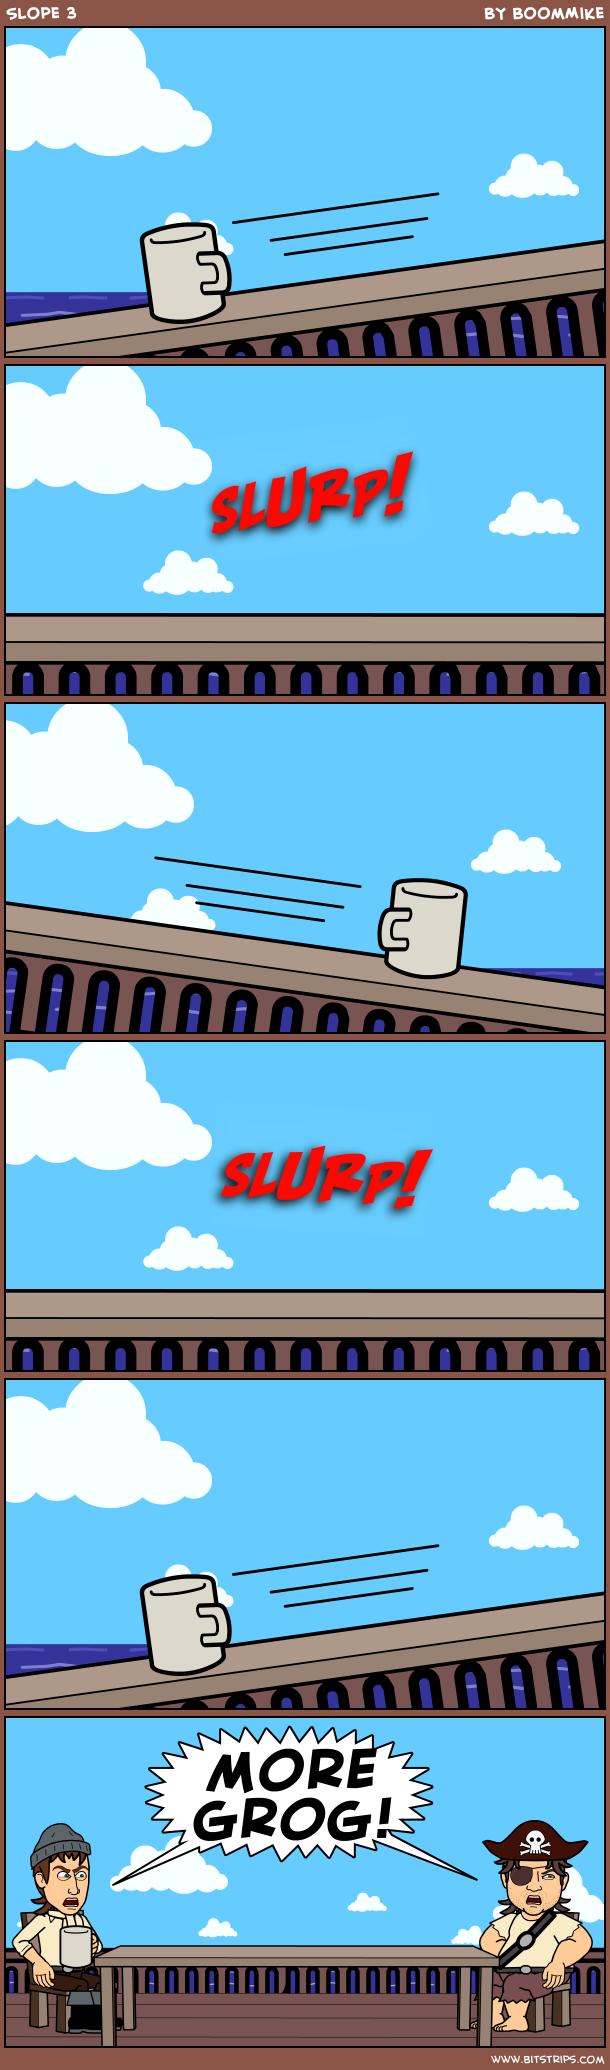 Slope 3